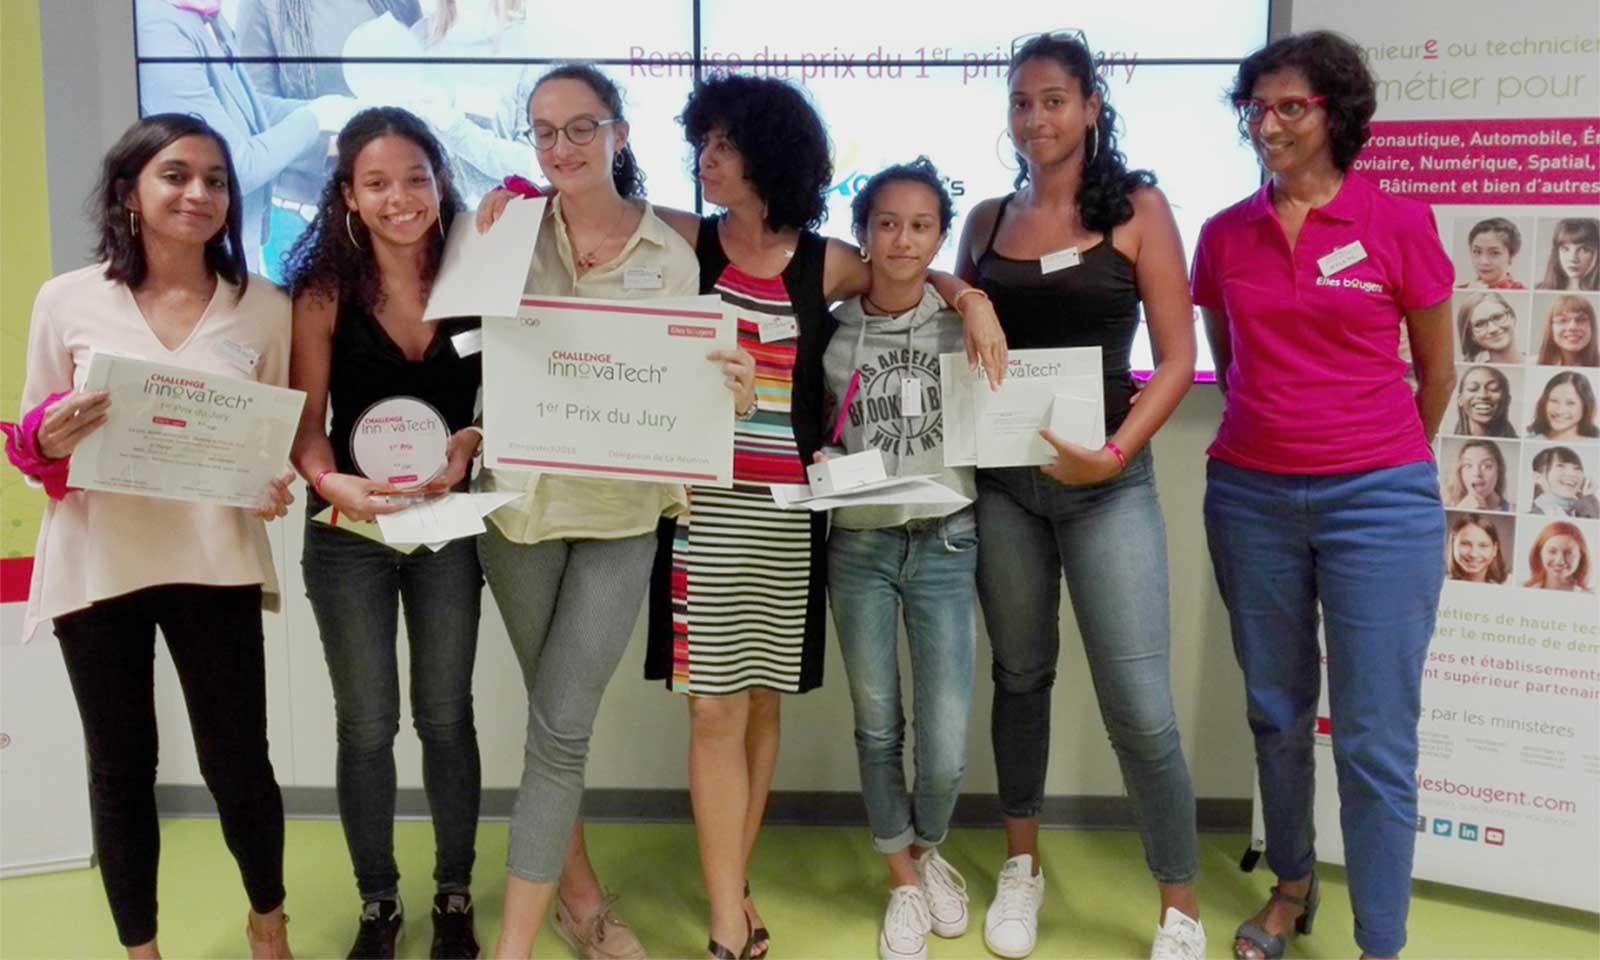 Innovatech Réunion : le ver connecté remporte la victoire